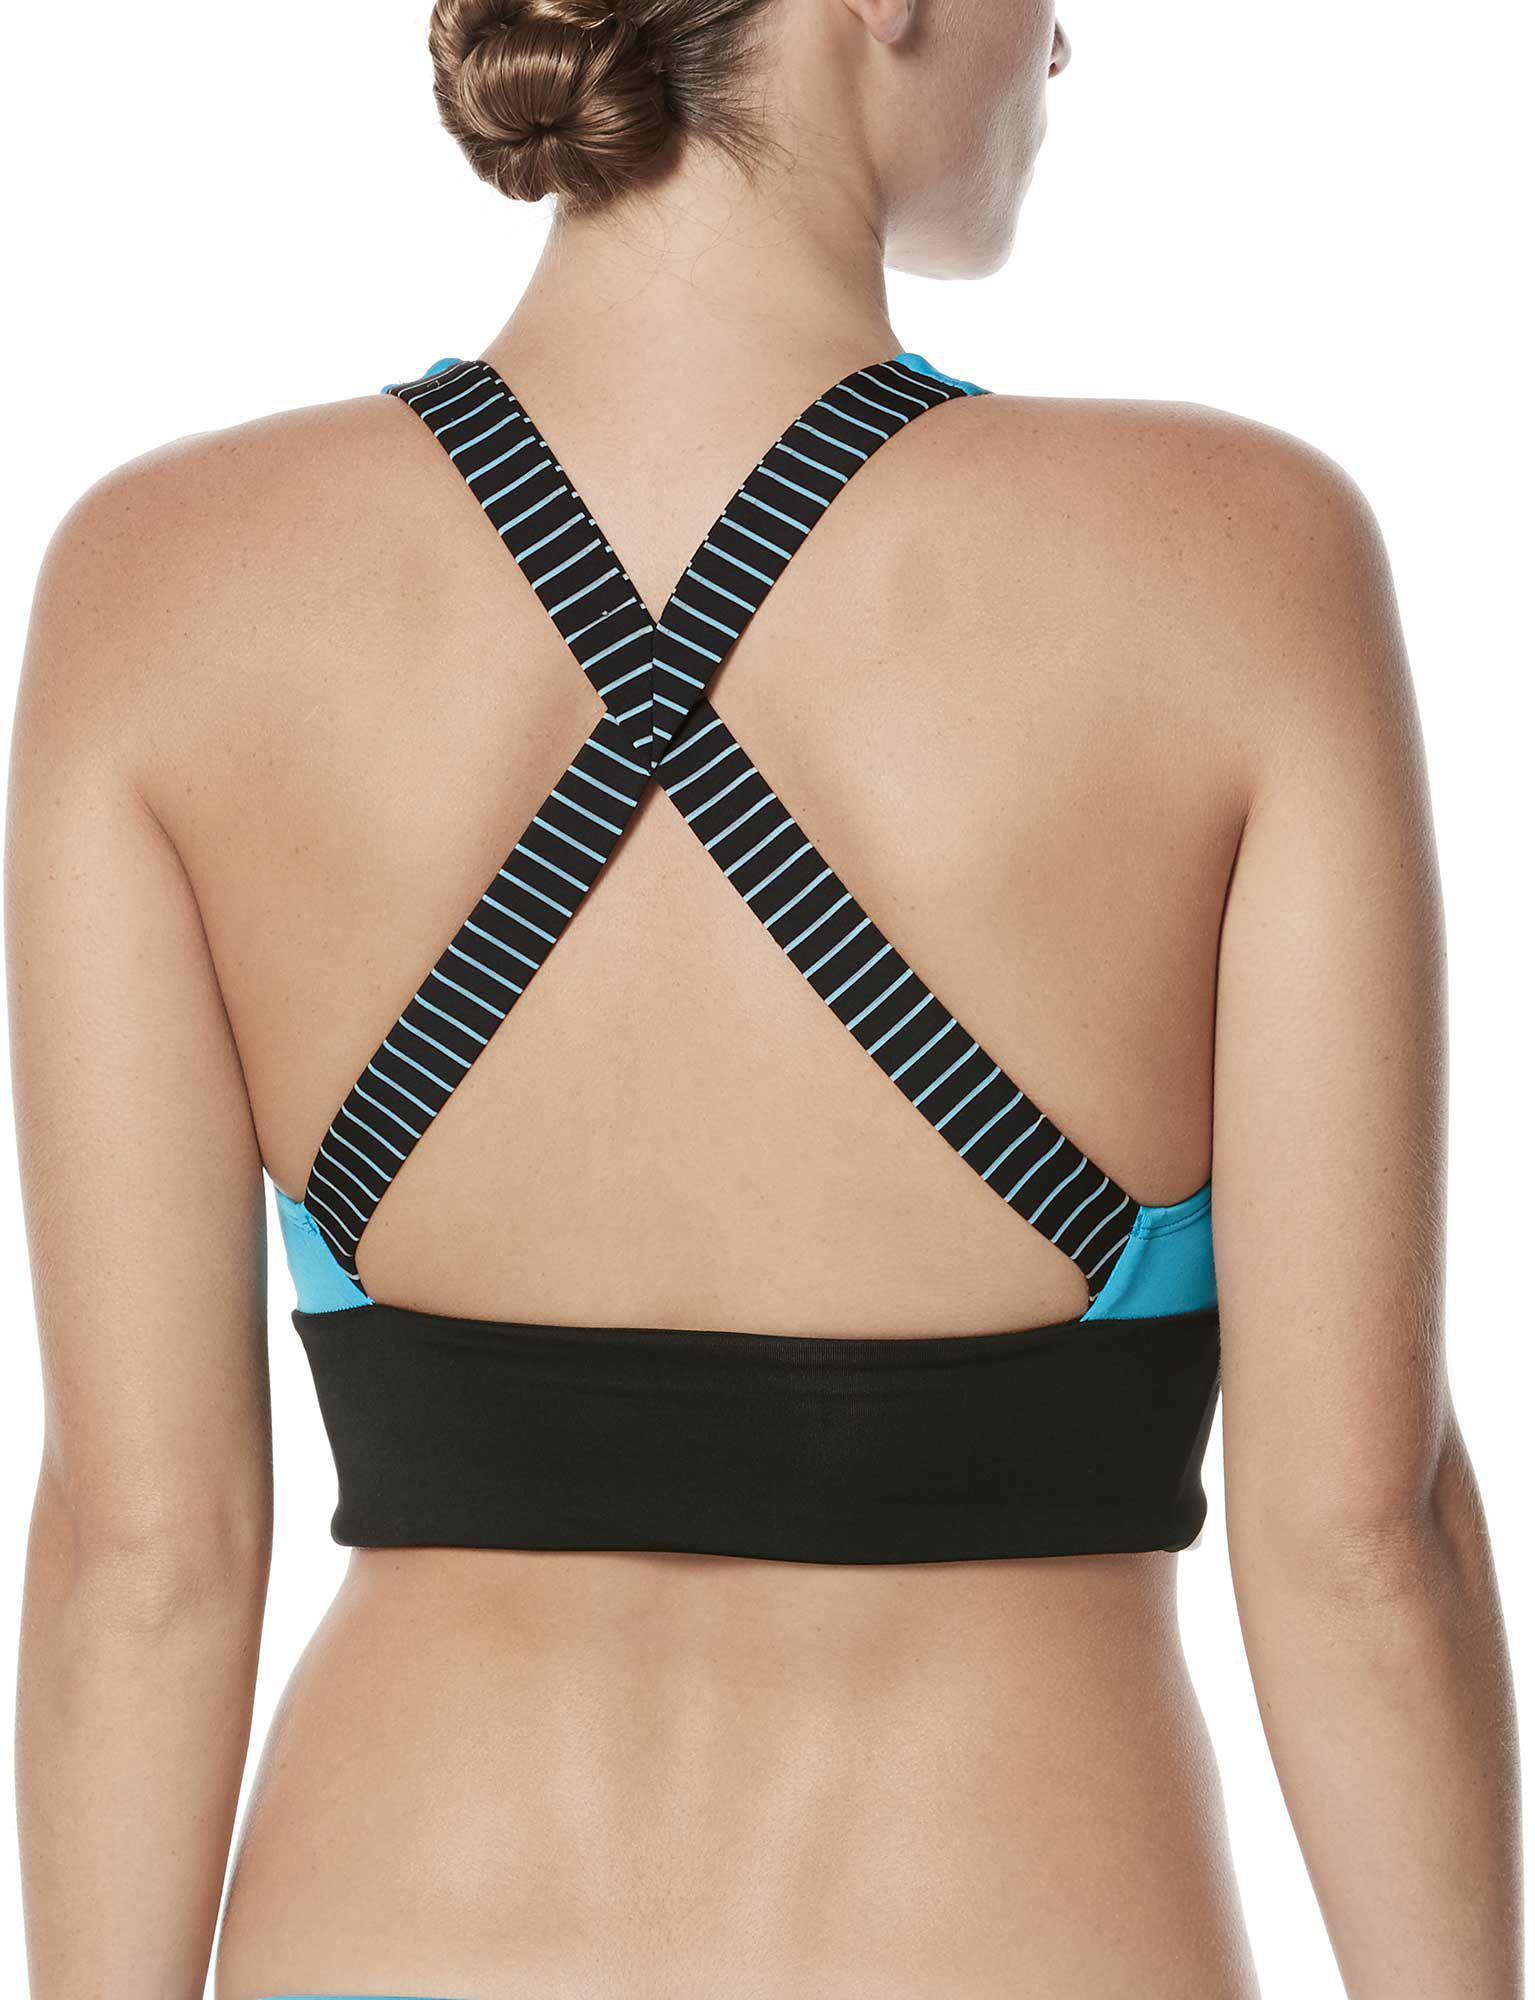 94aeba3503eca4 Lyst - Nike Color Surge Prism Crossback Midkini in Blue